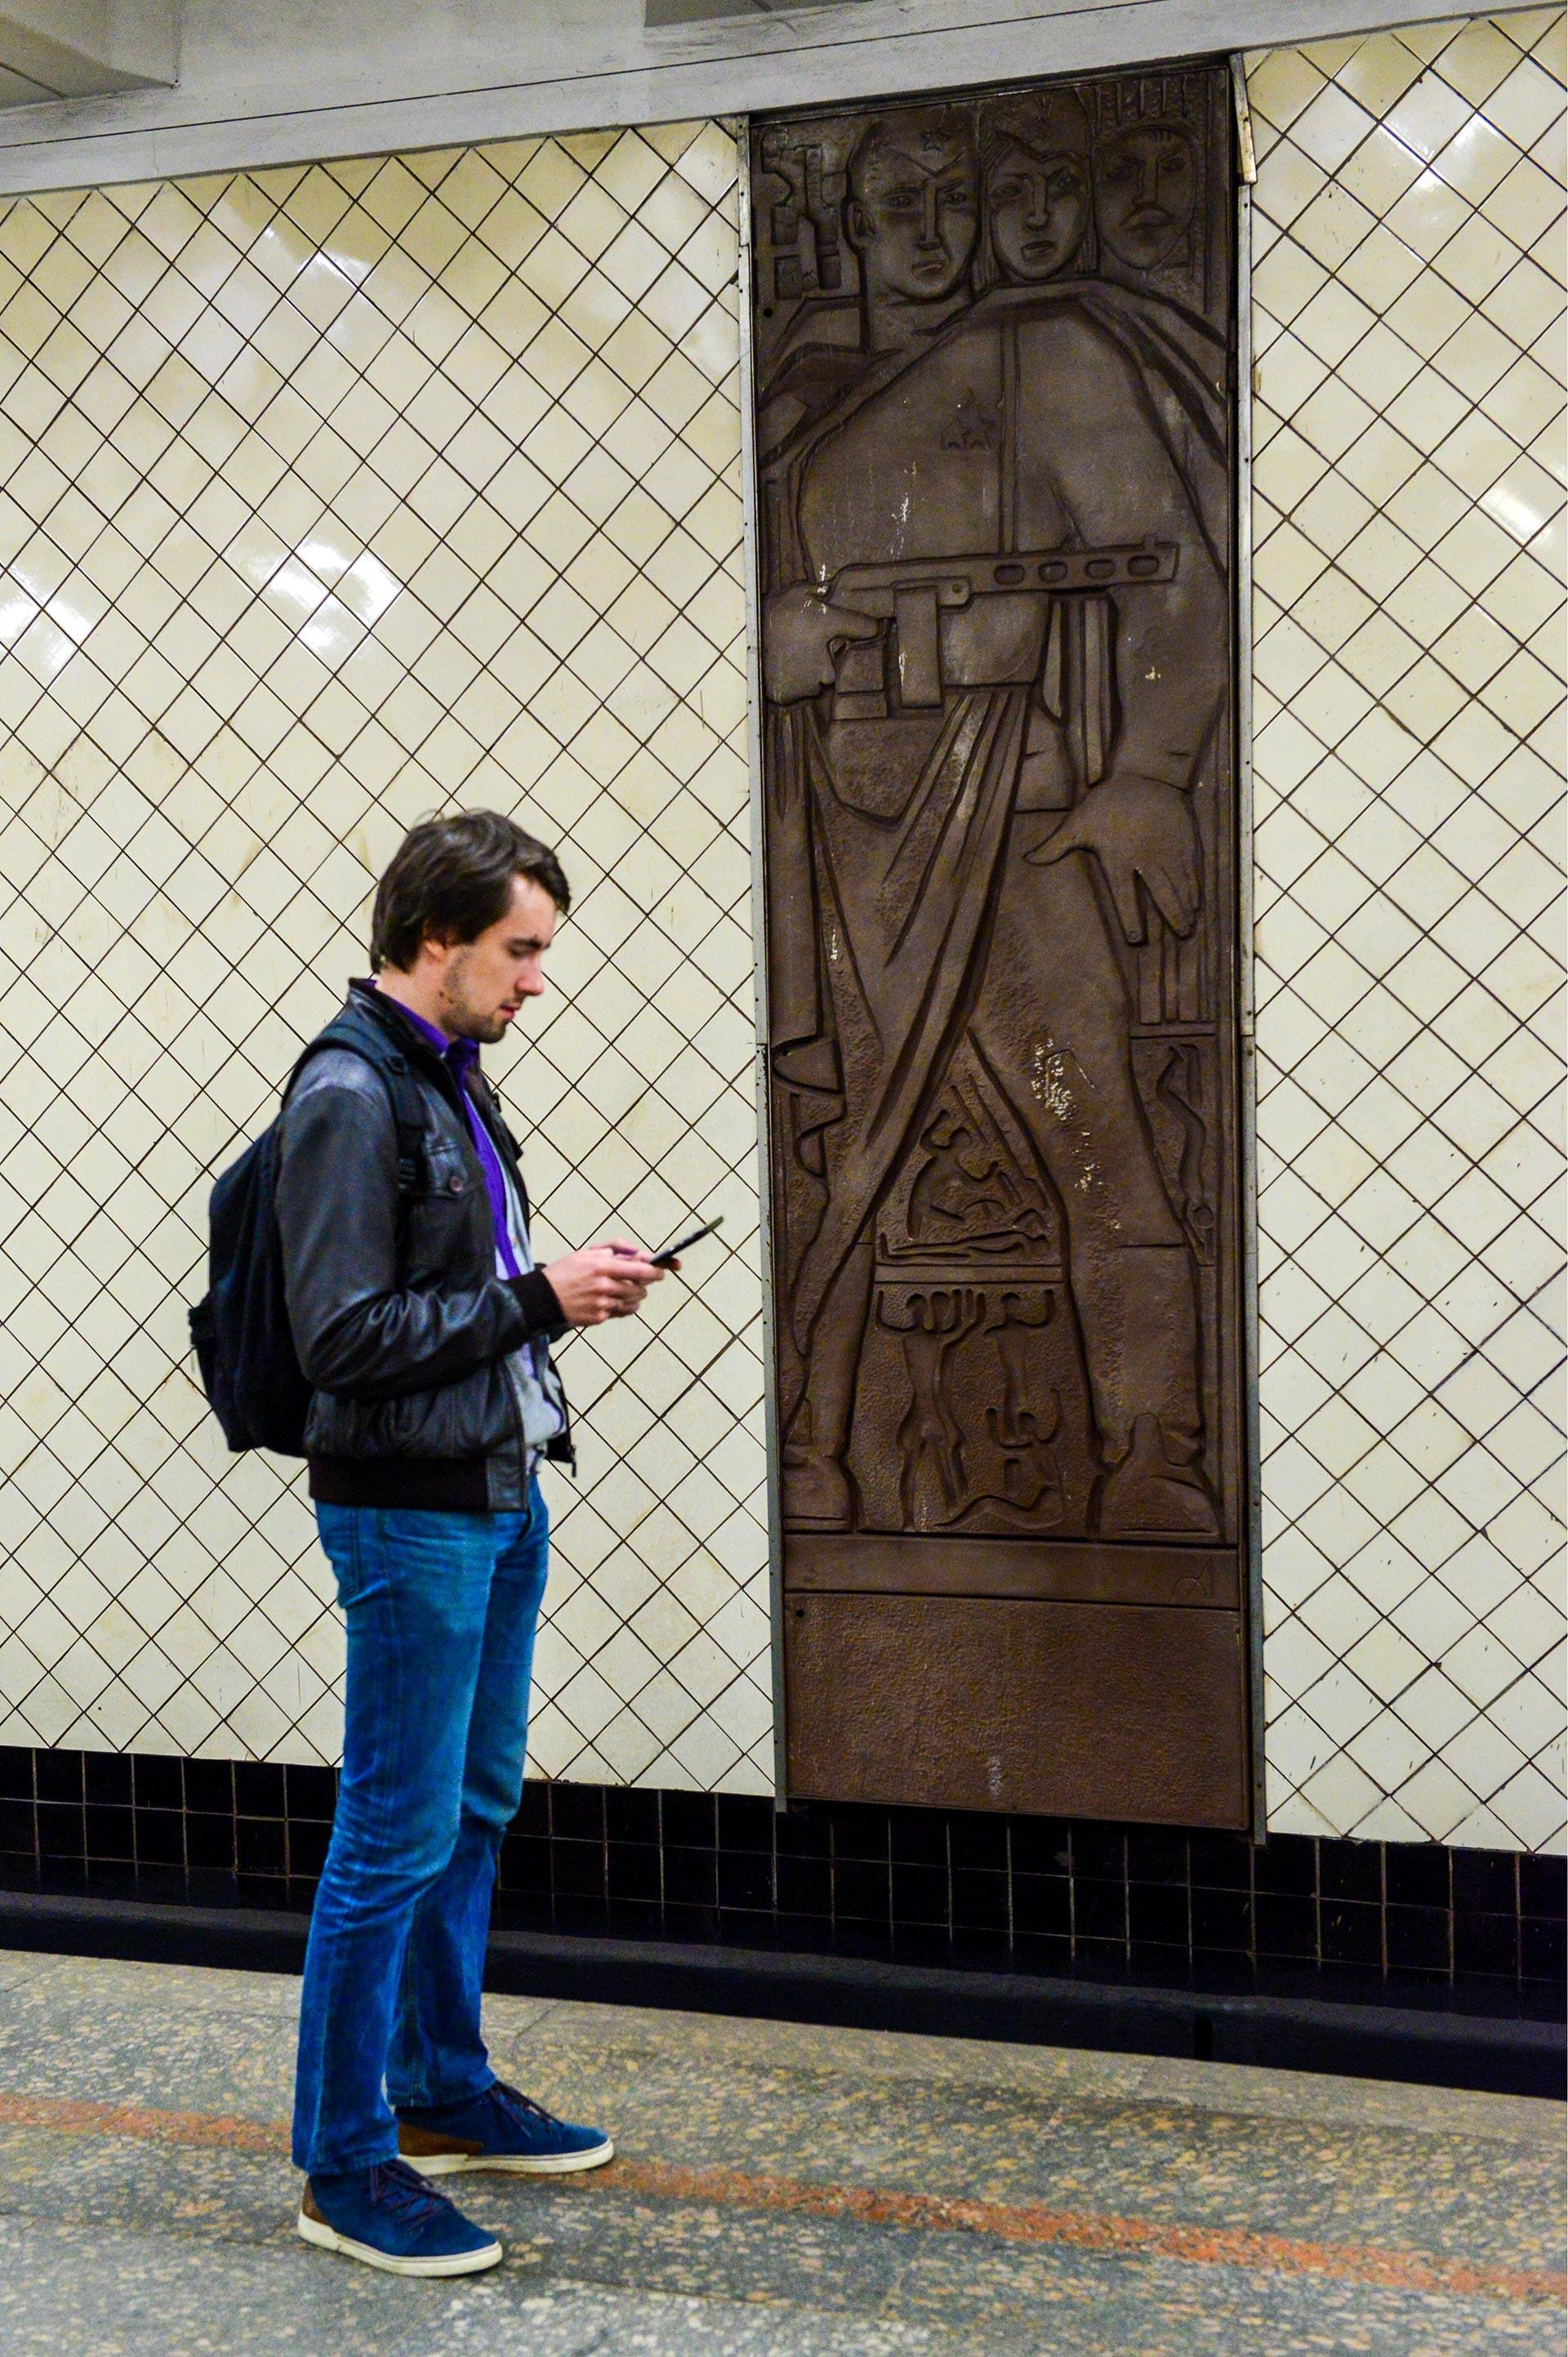 ヴォルゴグラーツキー・プロスペクト駅